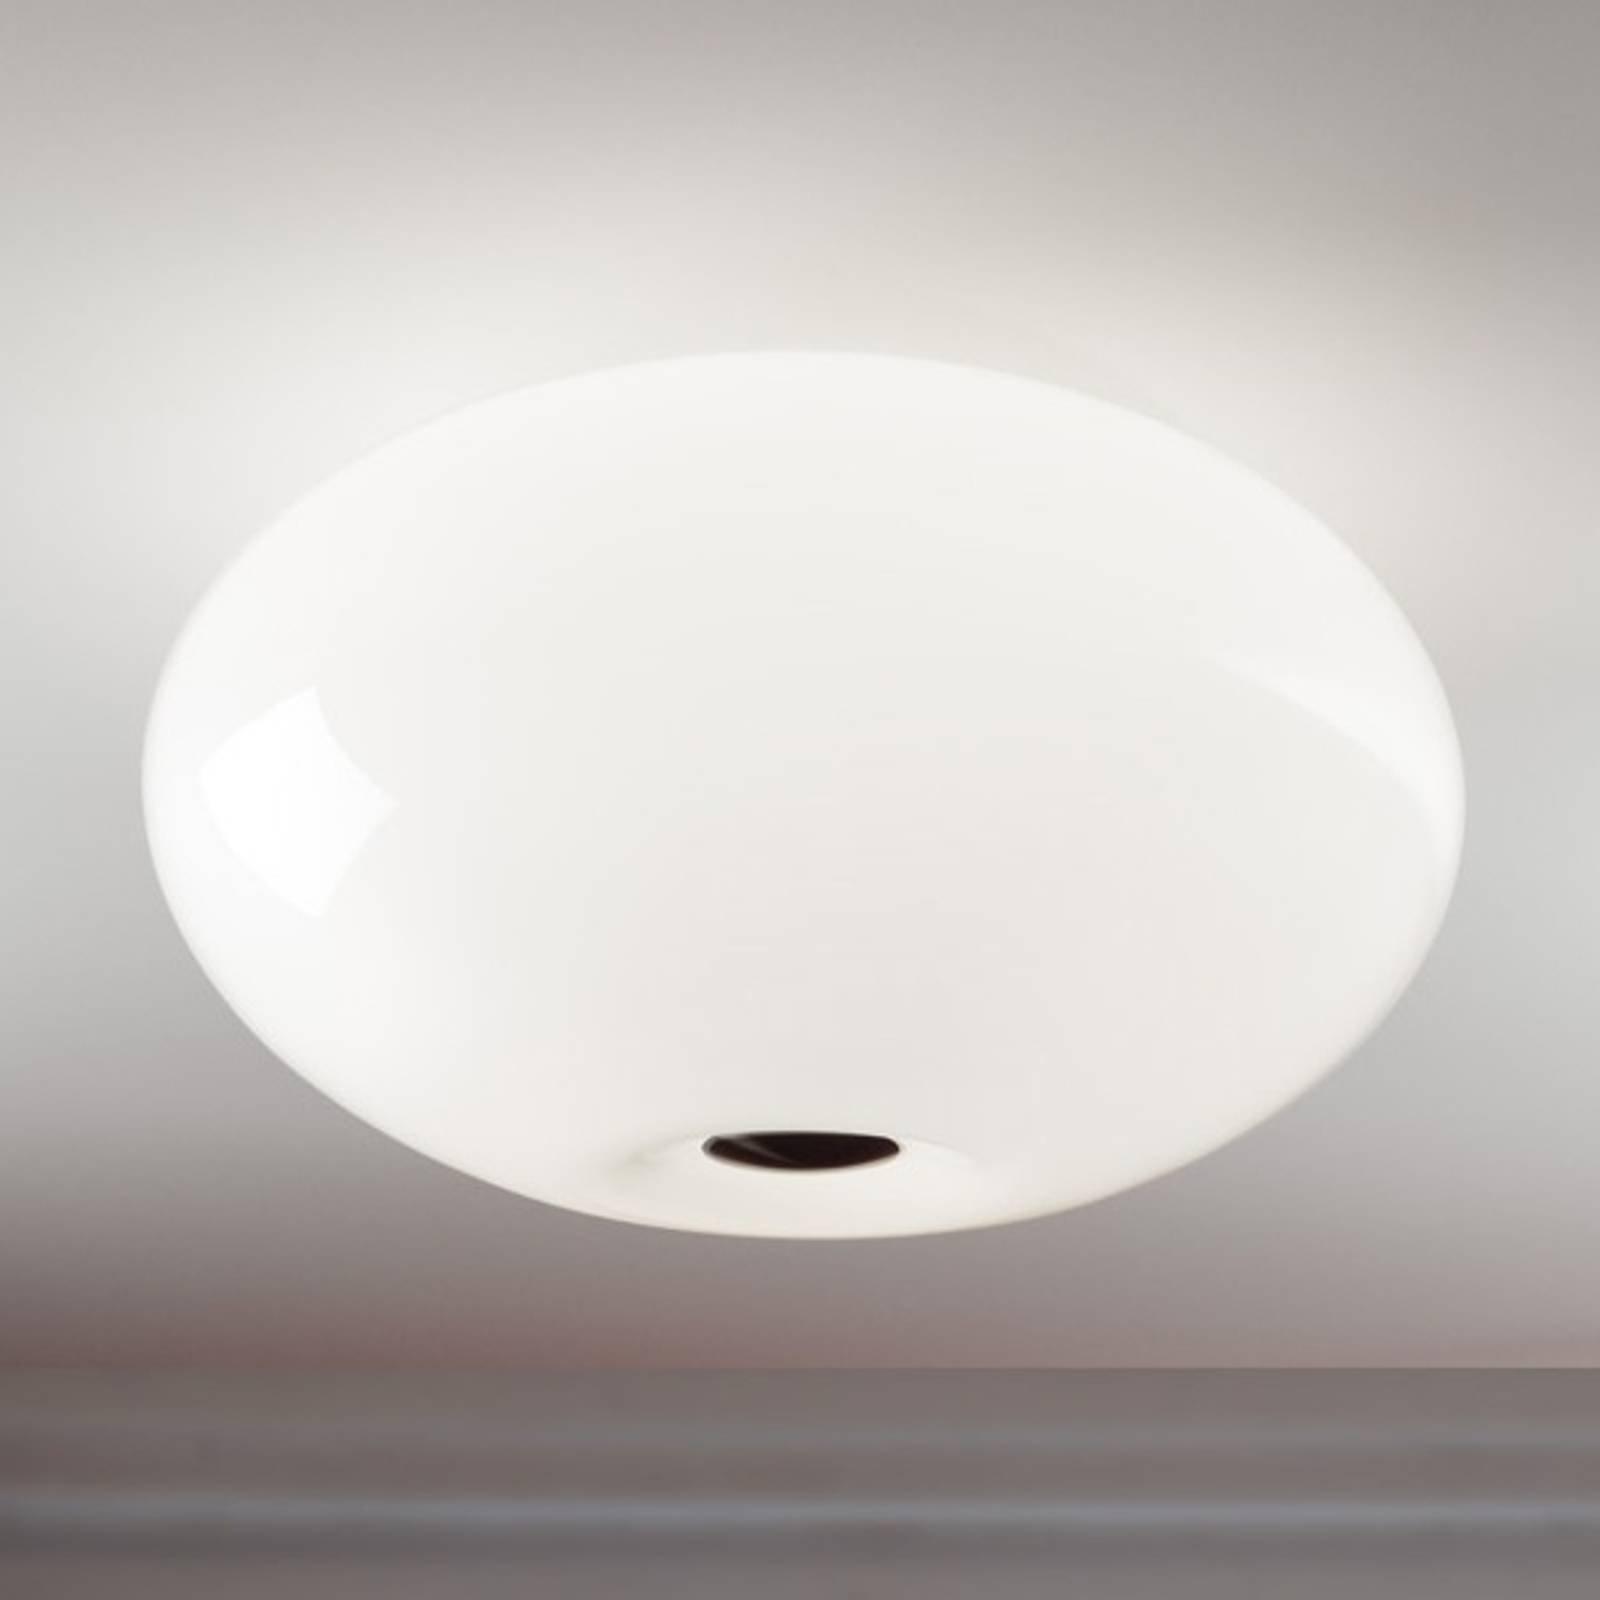 Vakker taklampe AIH 38 cm skinnende hvit